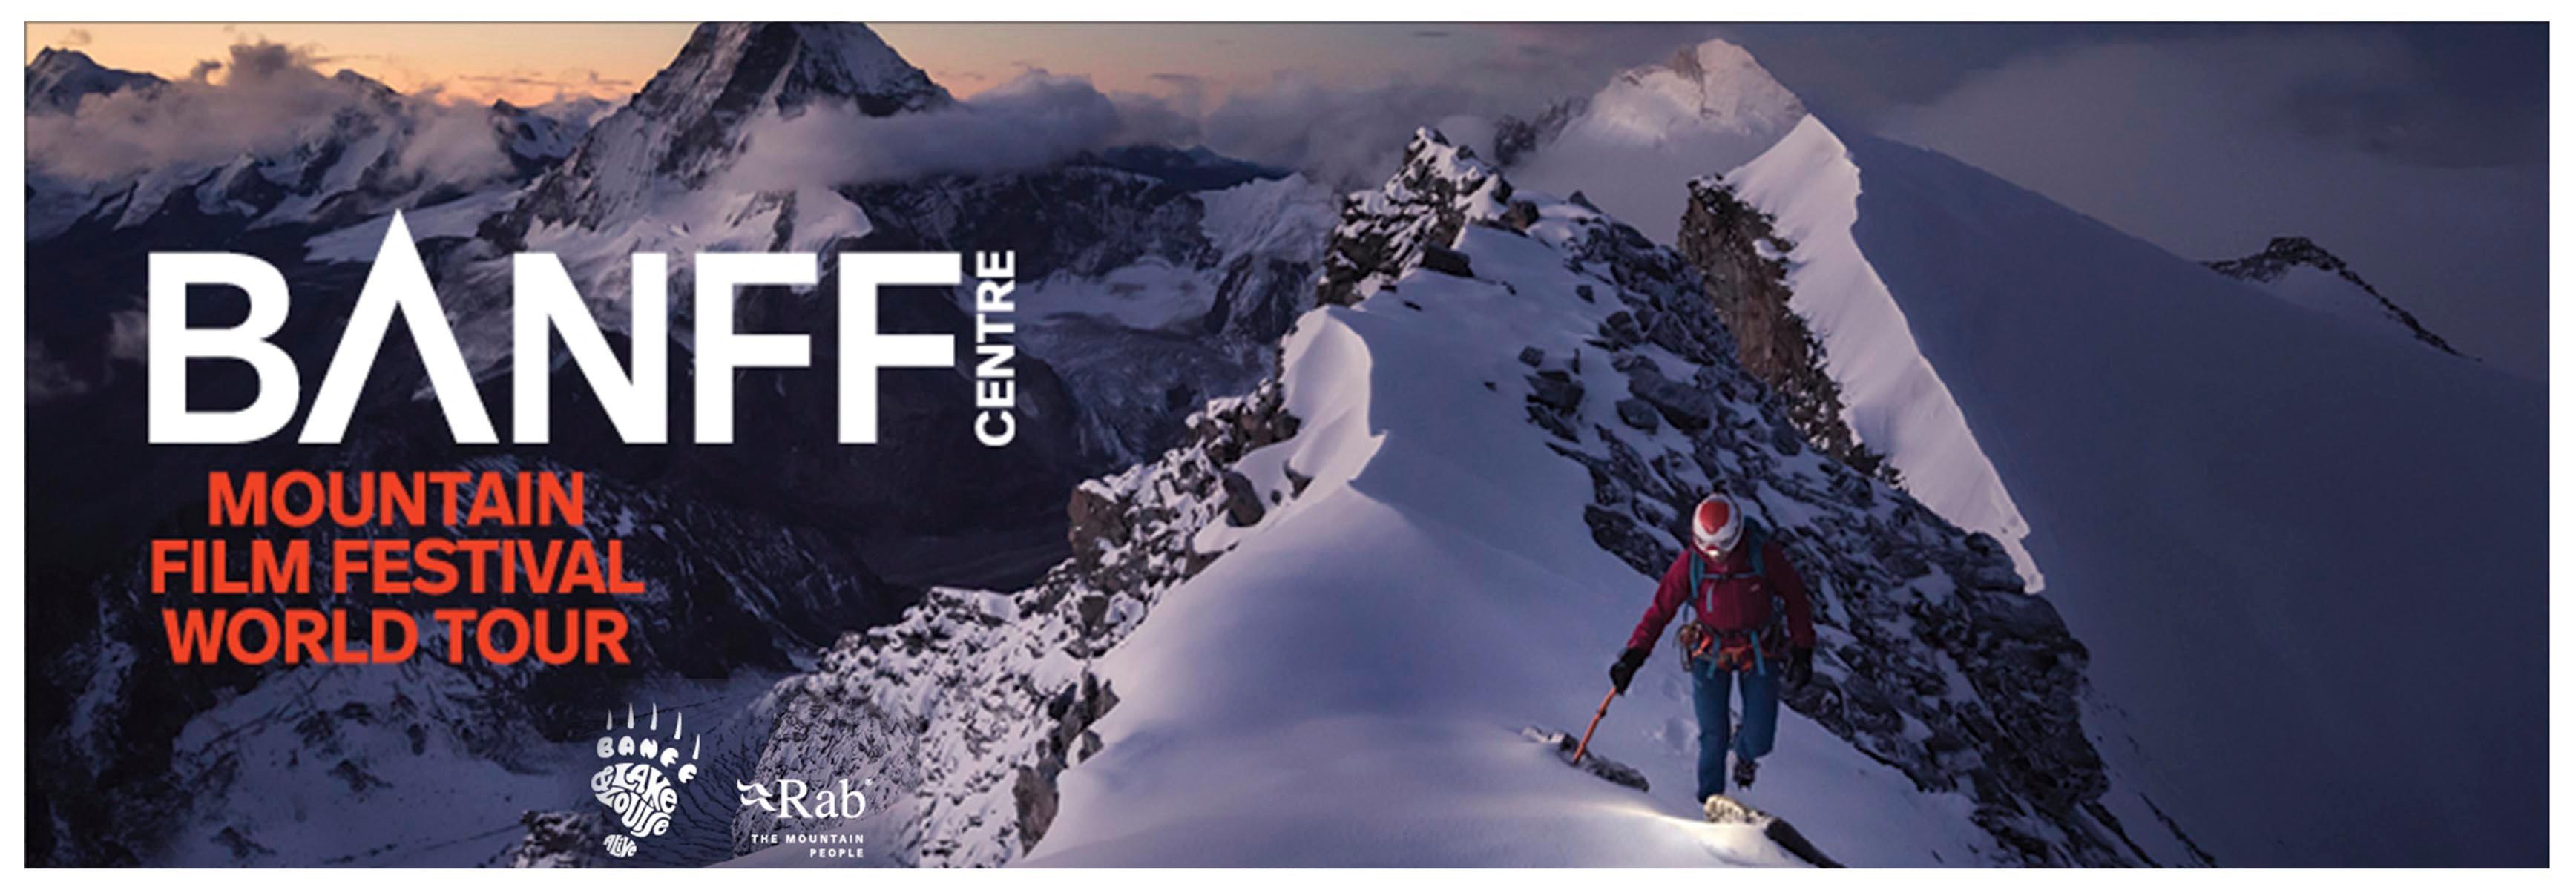 Banff_CentreFF_c